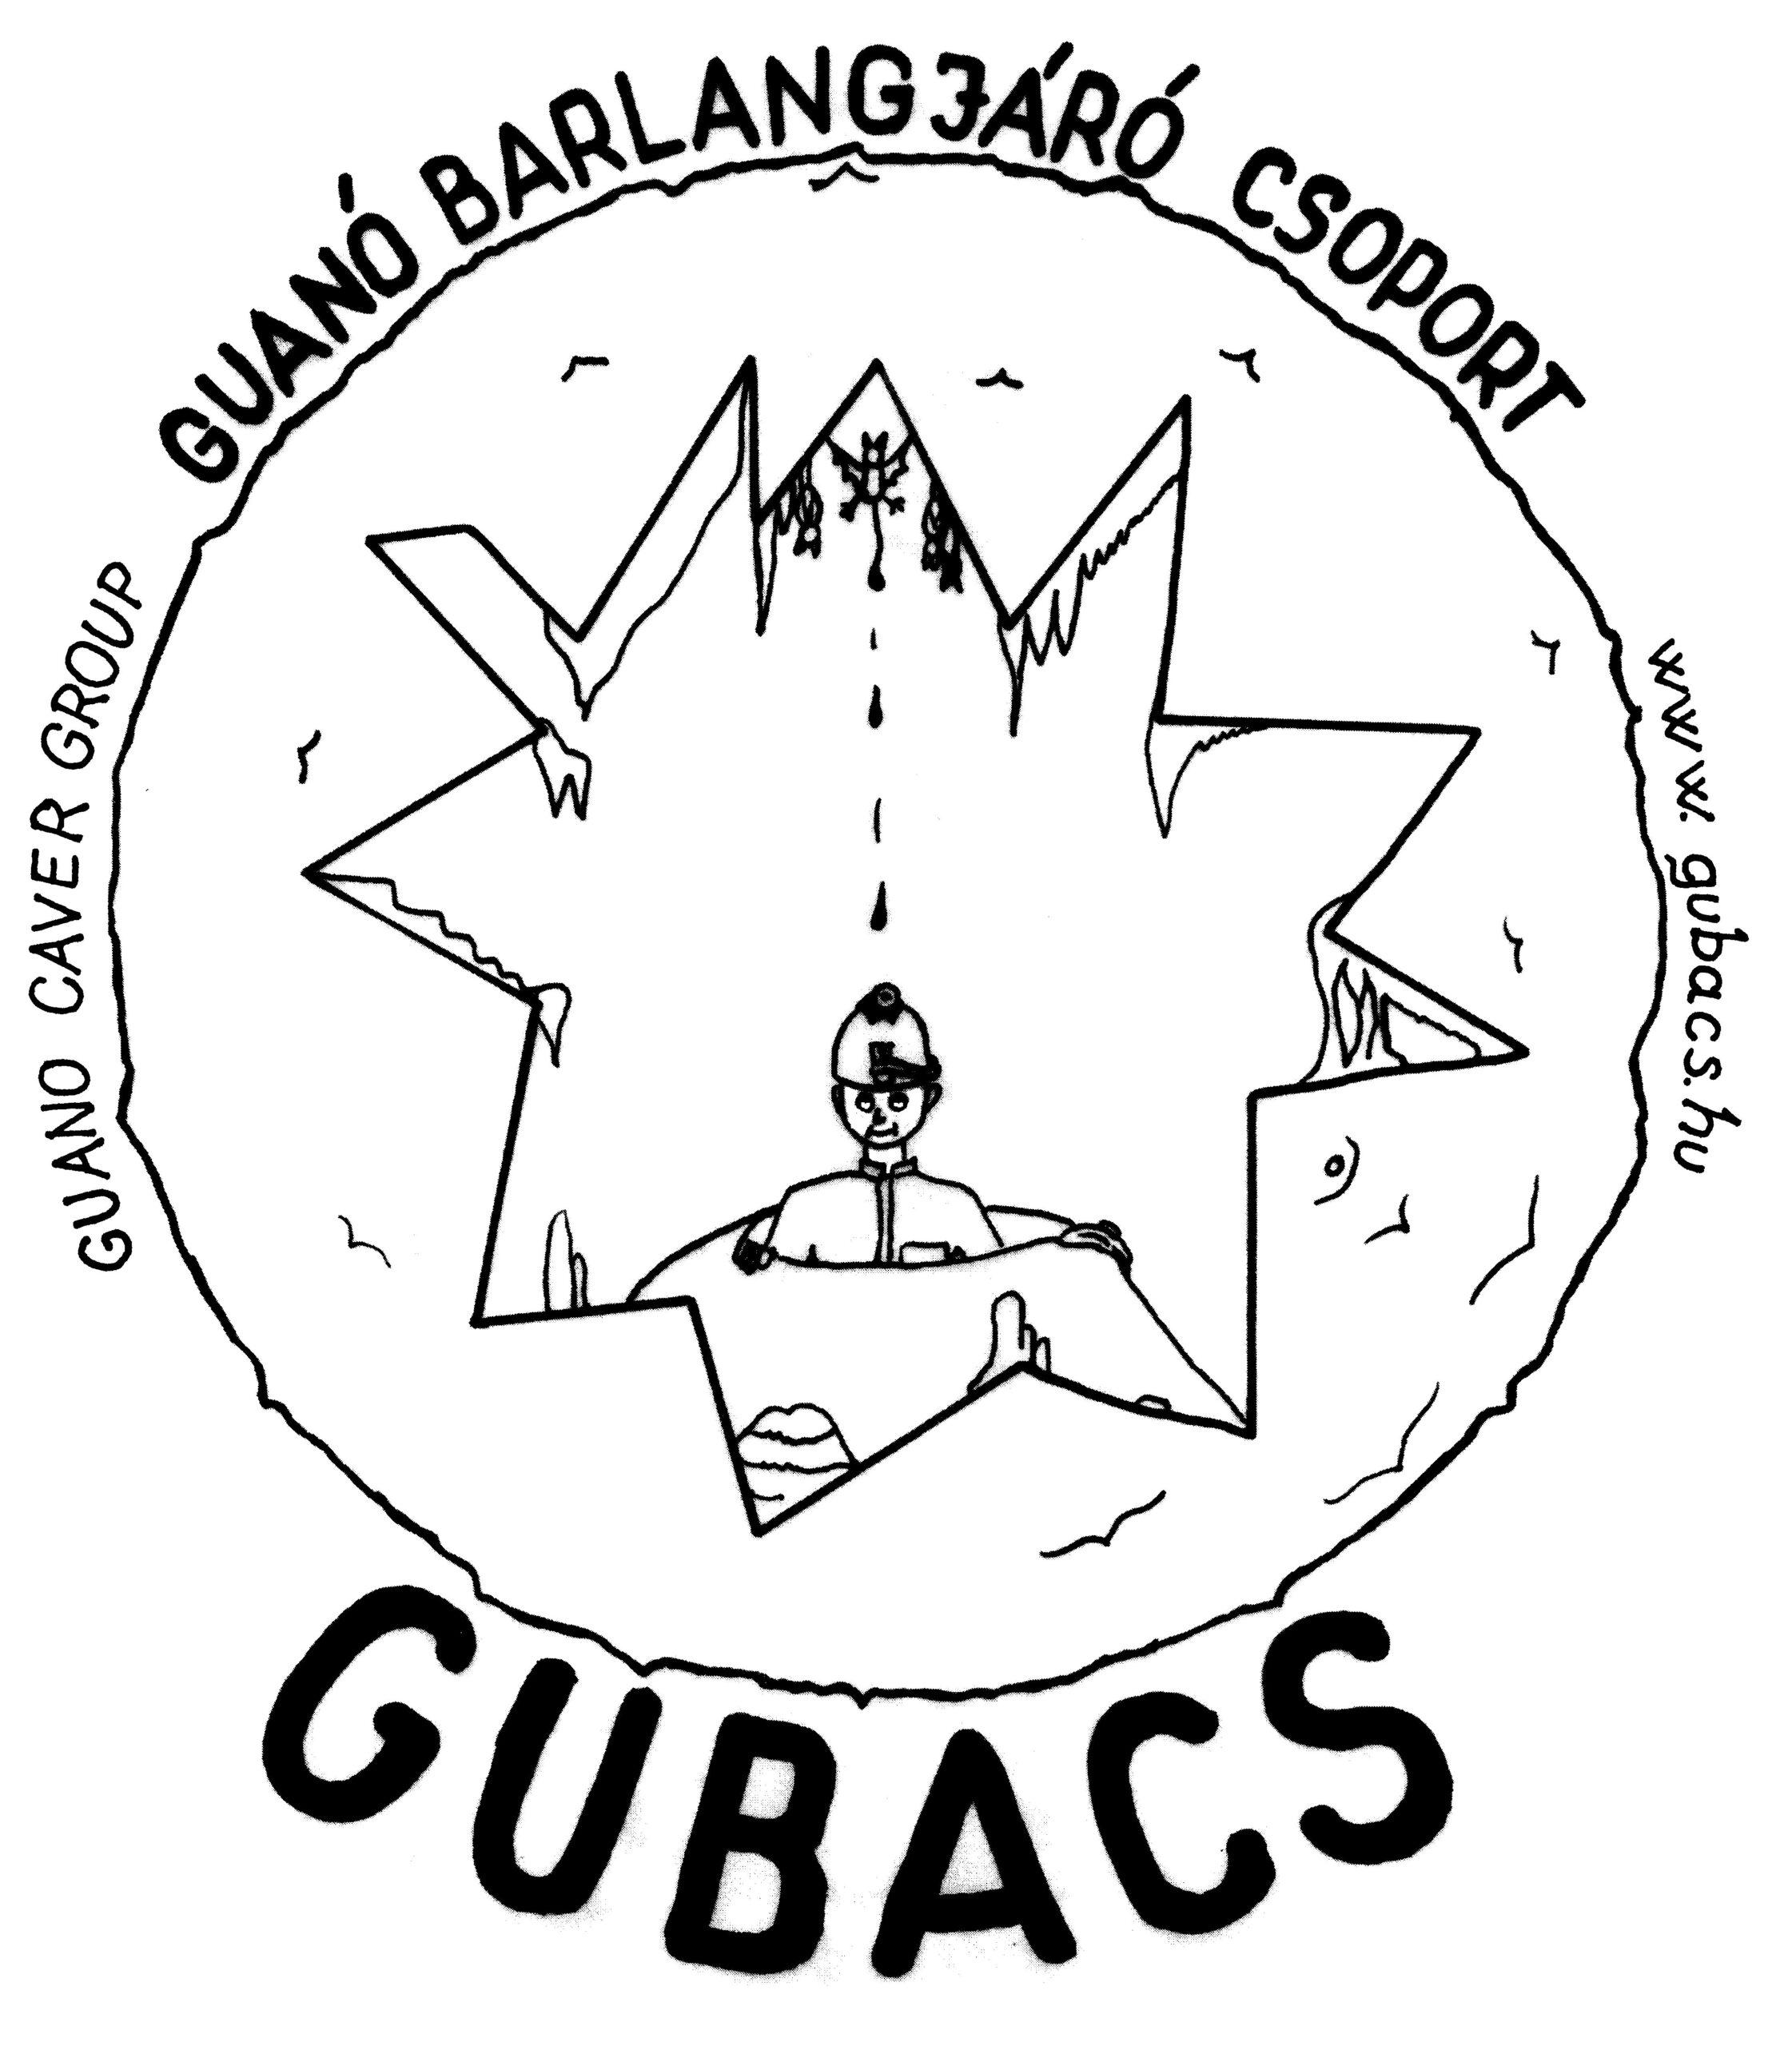 Guanó Barlangjáró Csoport